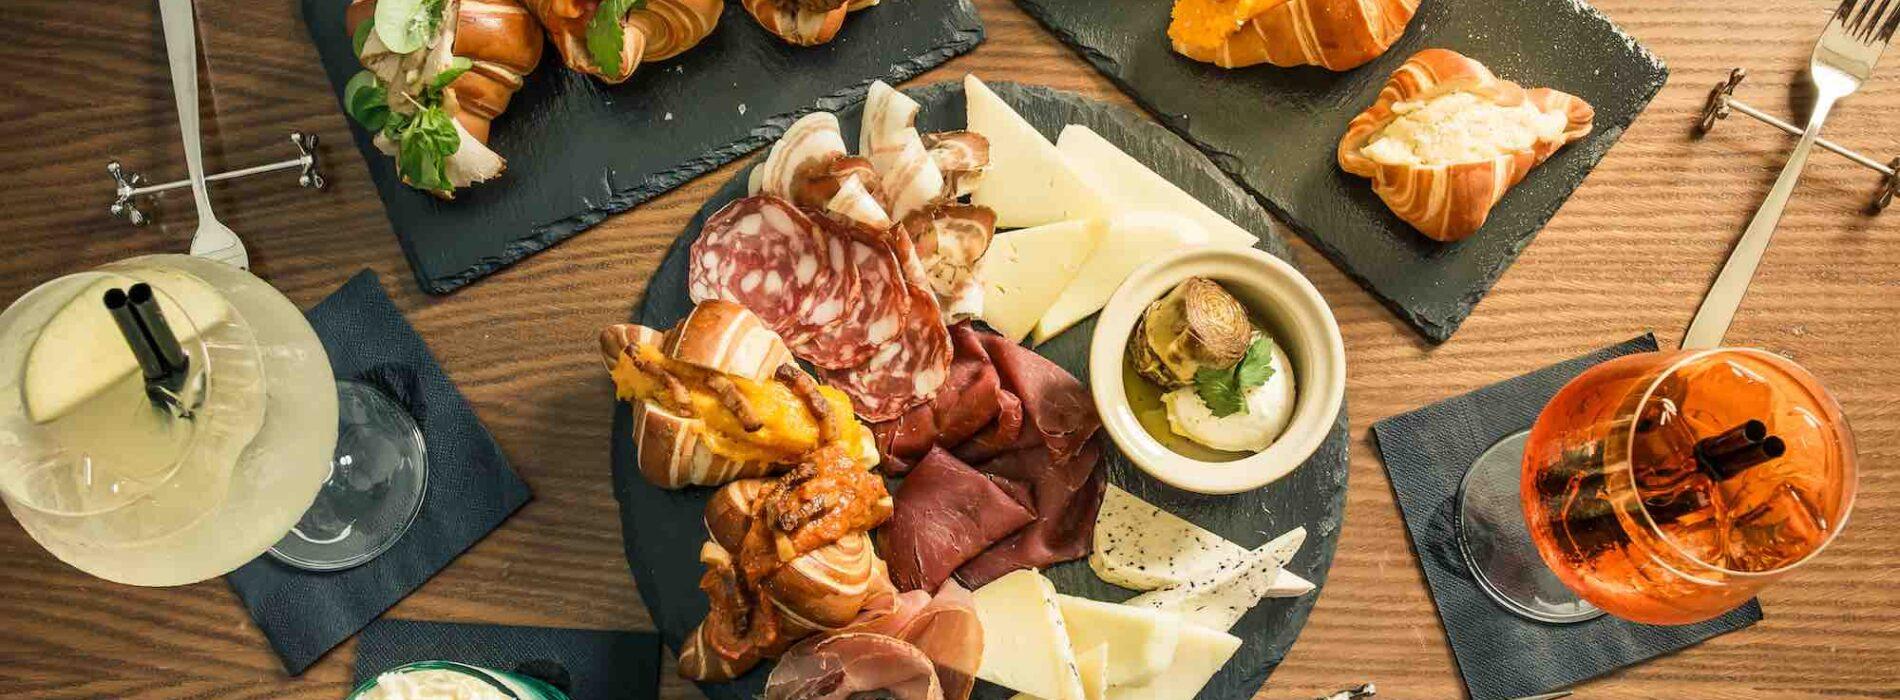 Rever Roma: menu degustazione, cornetti salati per l'aperitivo e due giovanissimi alla guida del ristorante di Prati